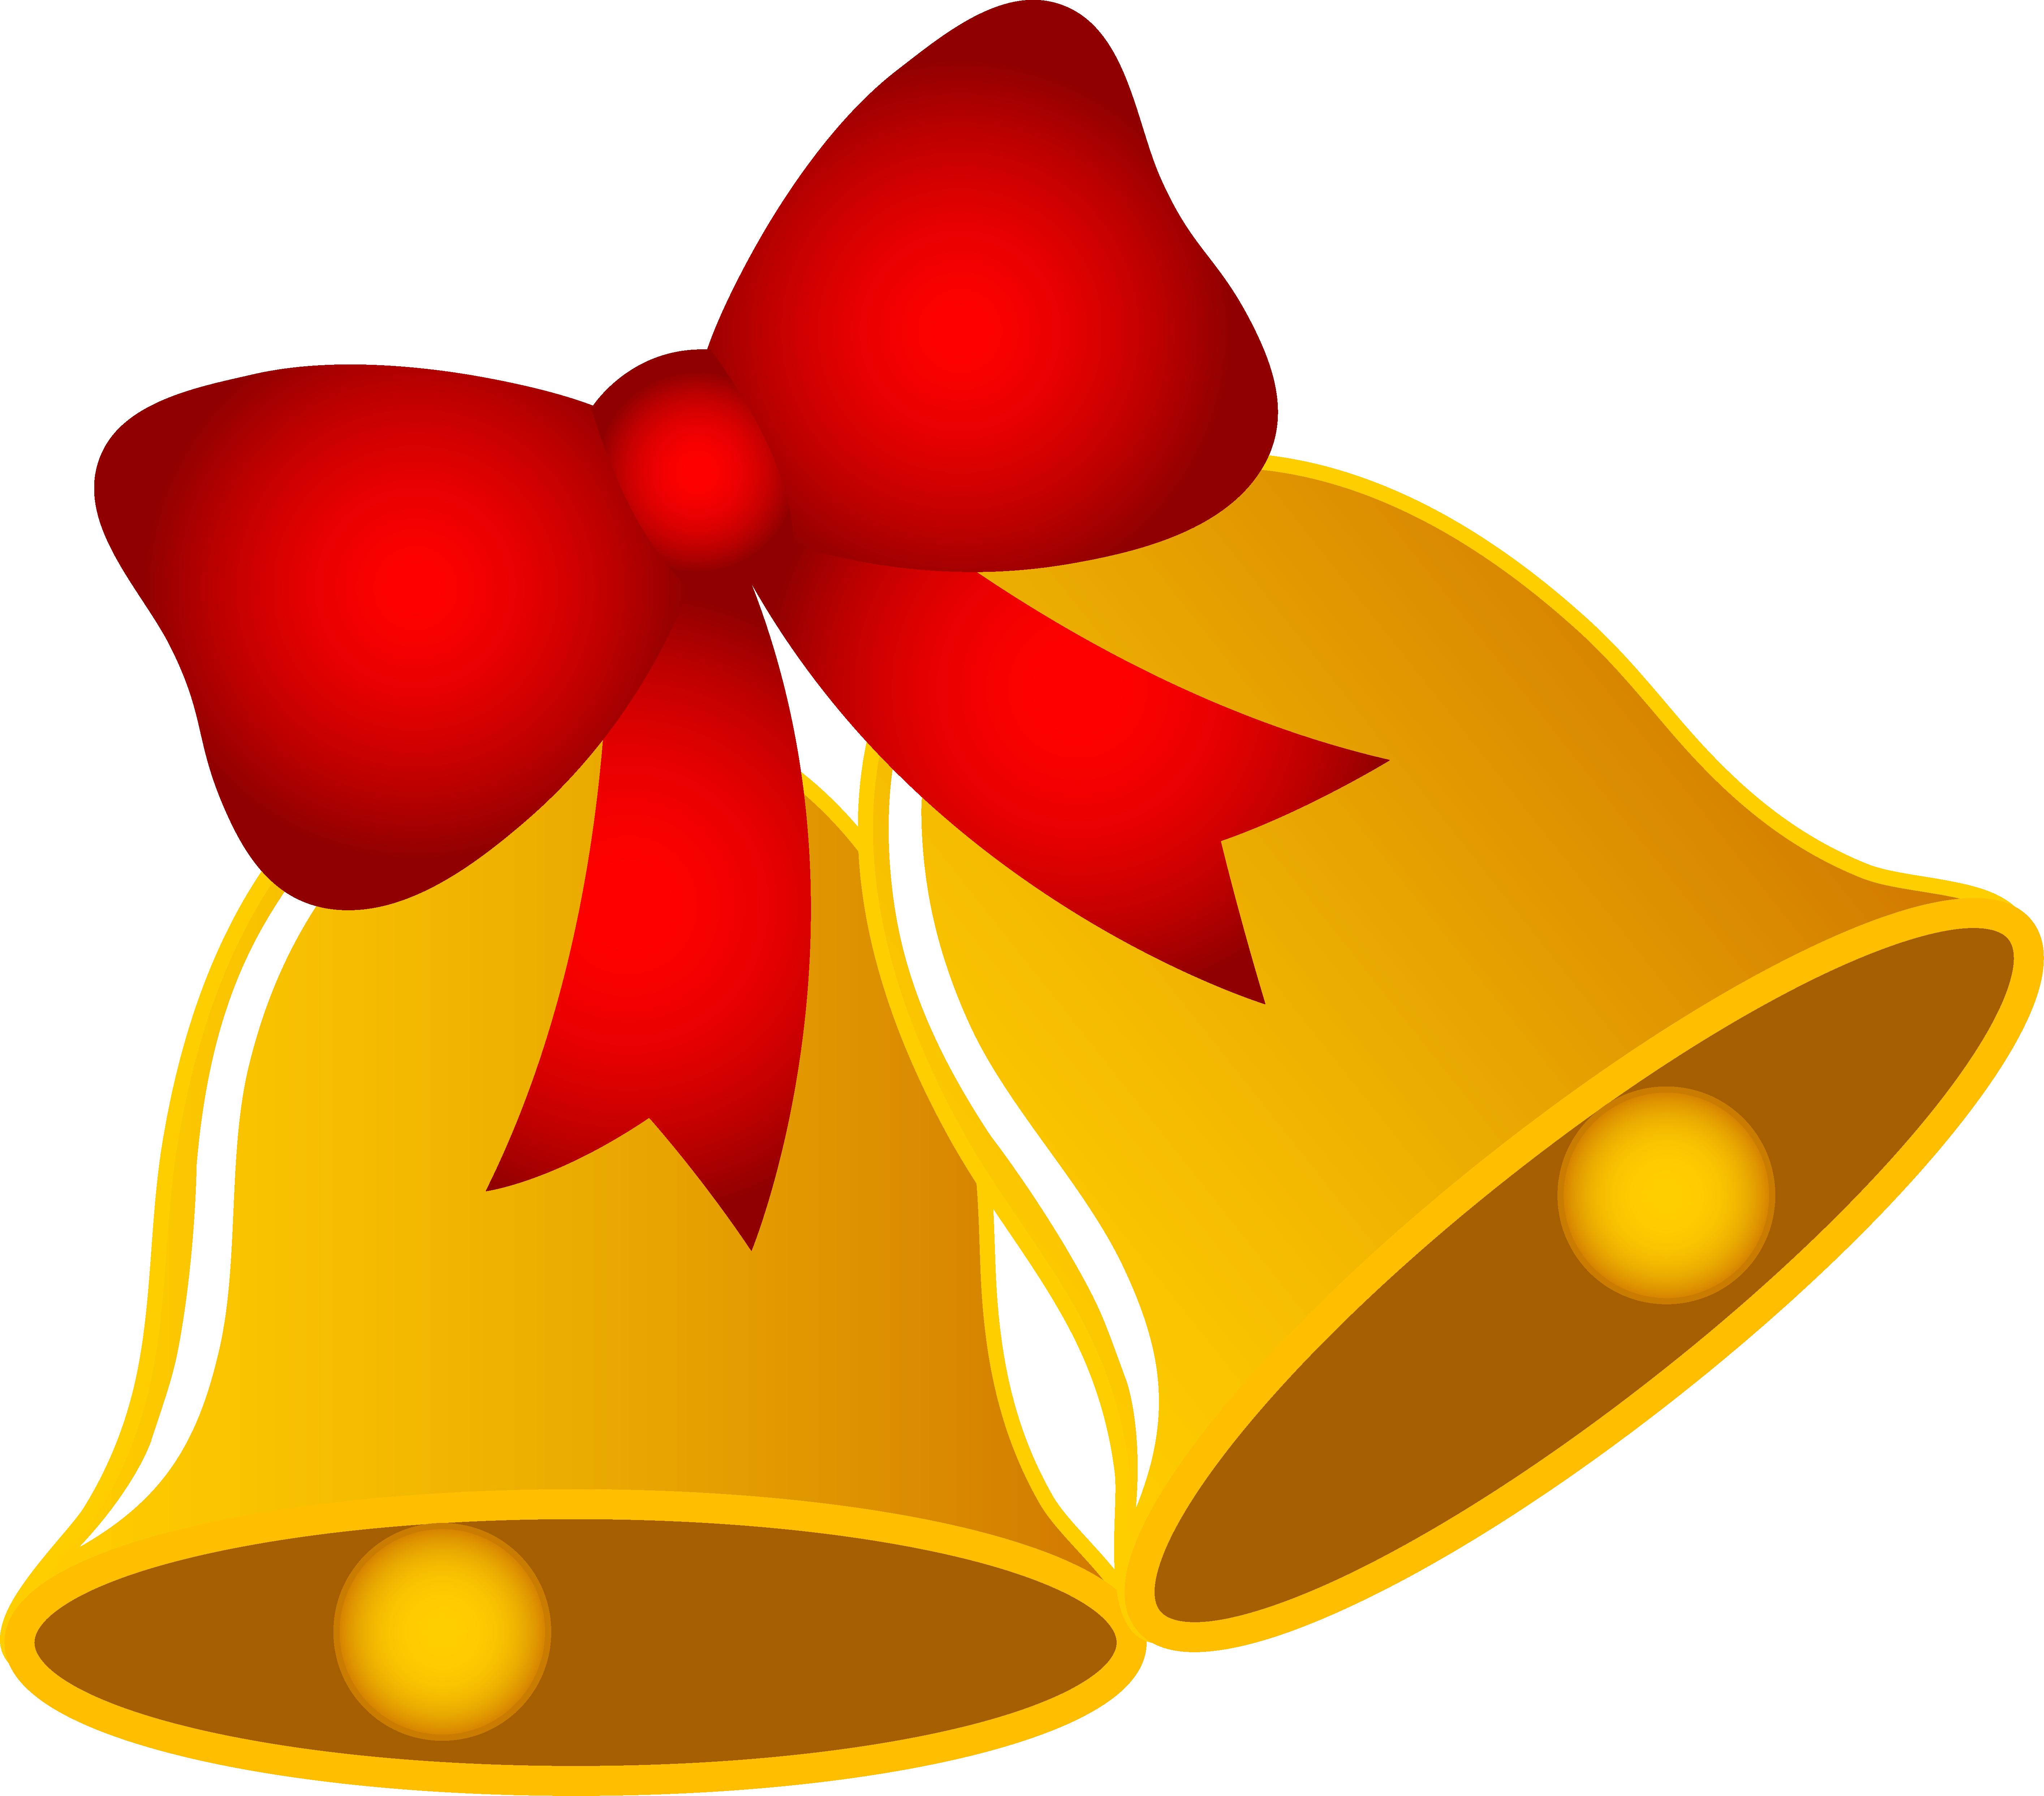 5658x4972 Christmas Bow Clip Art